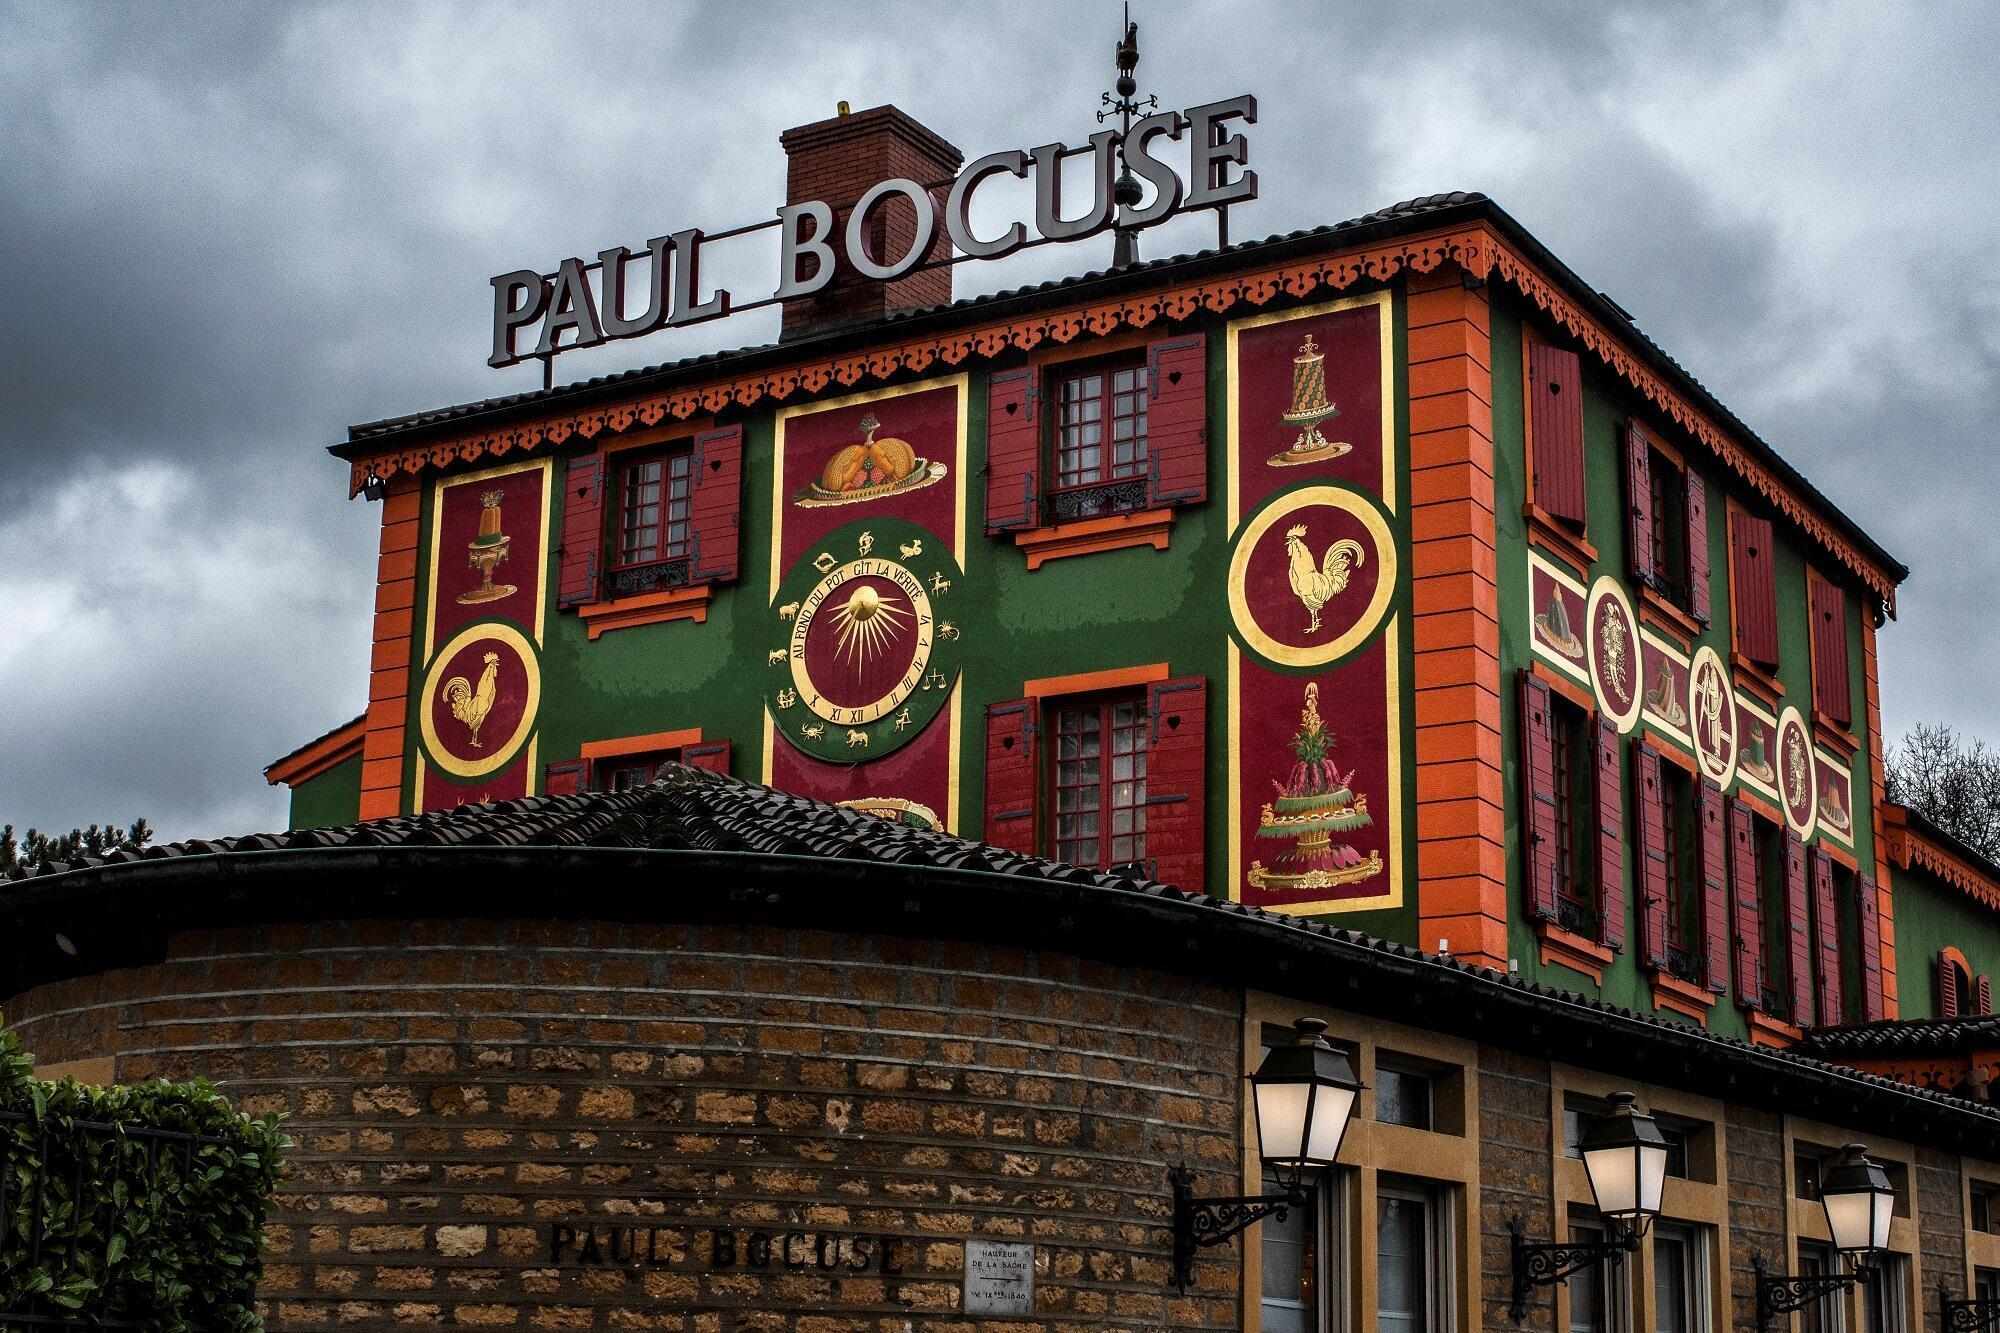 O restaurante de Paul Bocuse, localizado na cidade francesa de Collonges-au-Mont-d'Or, no sudeste da França.